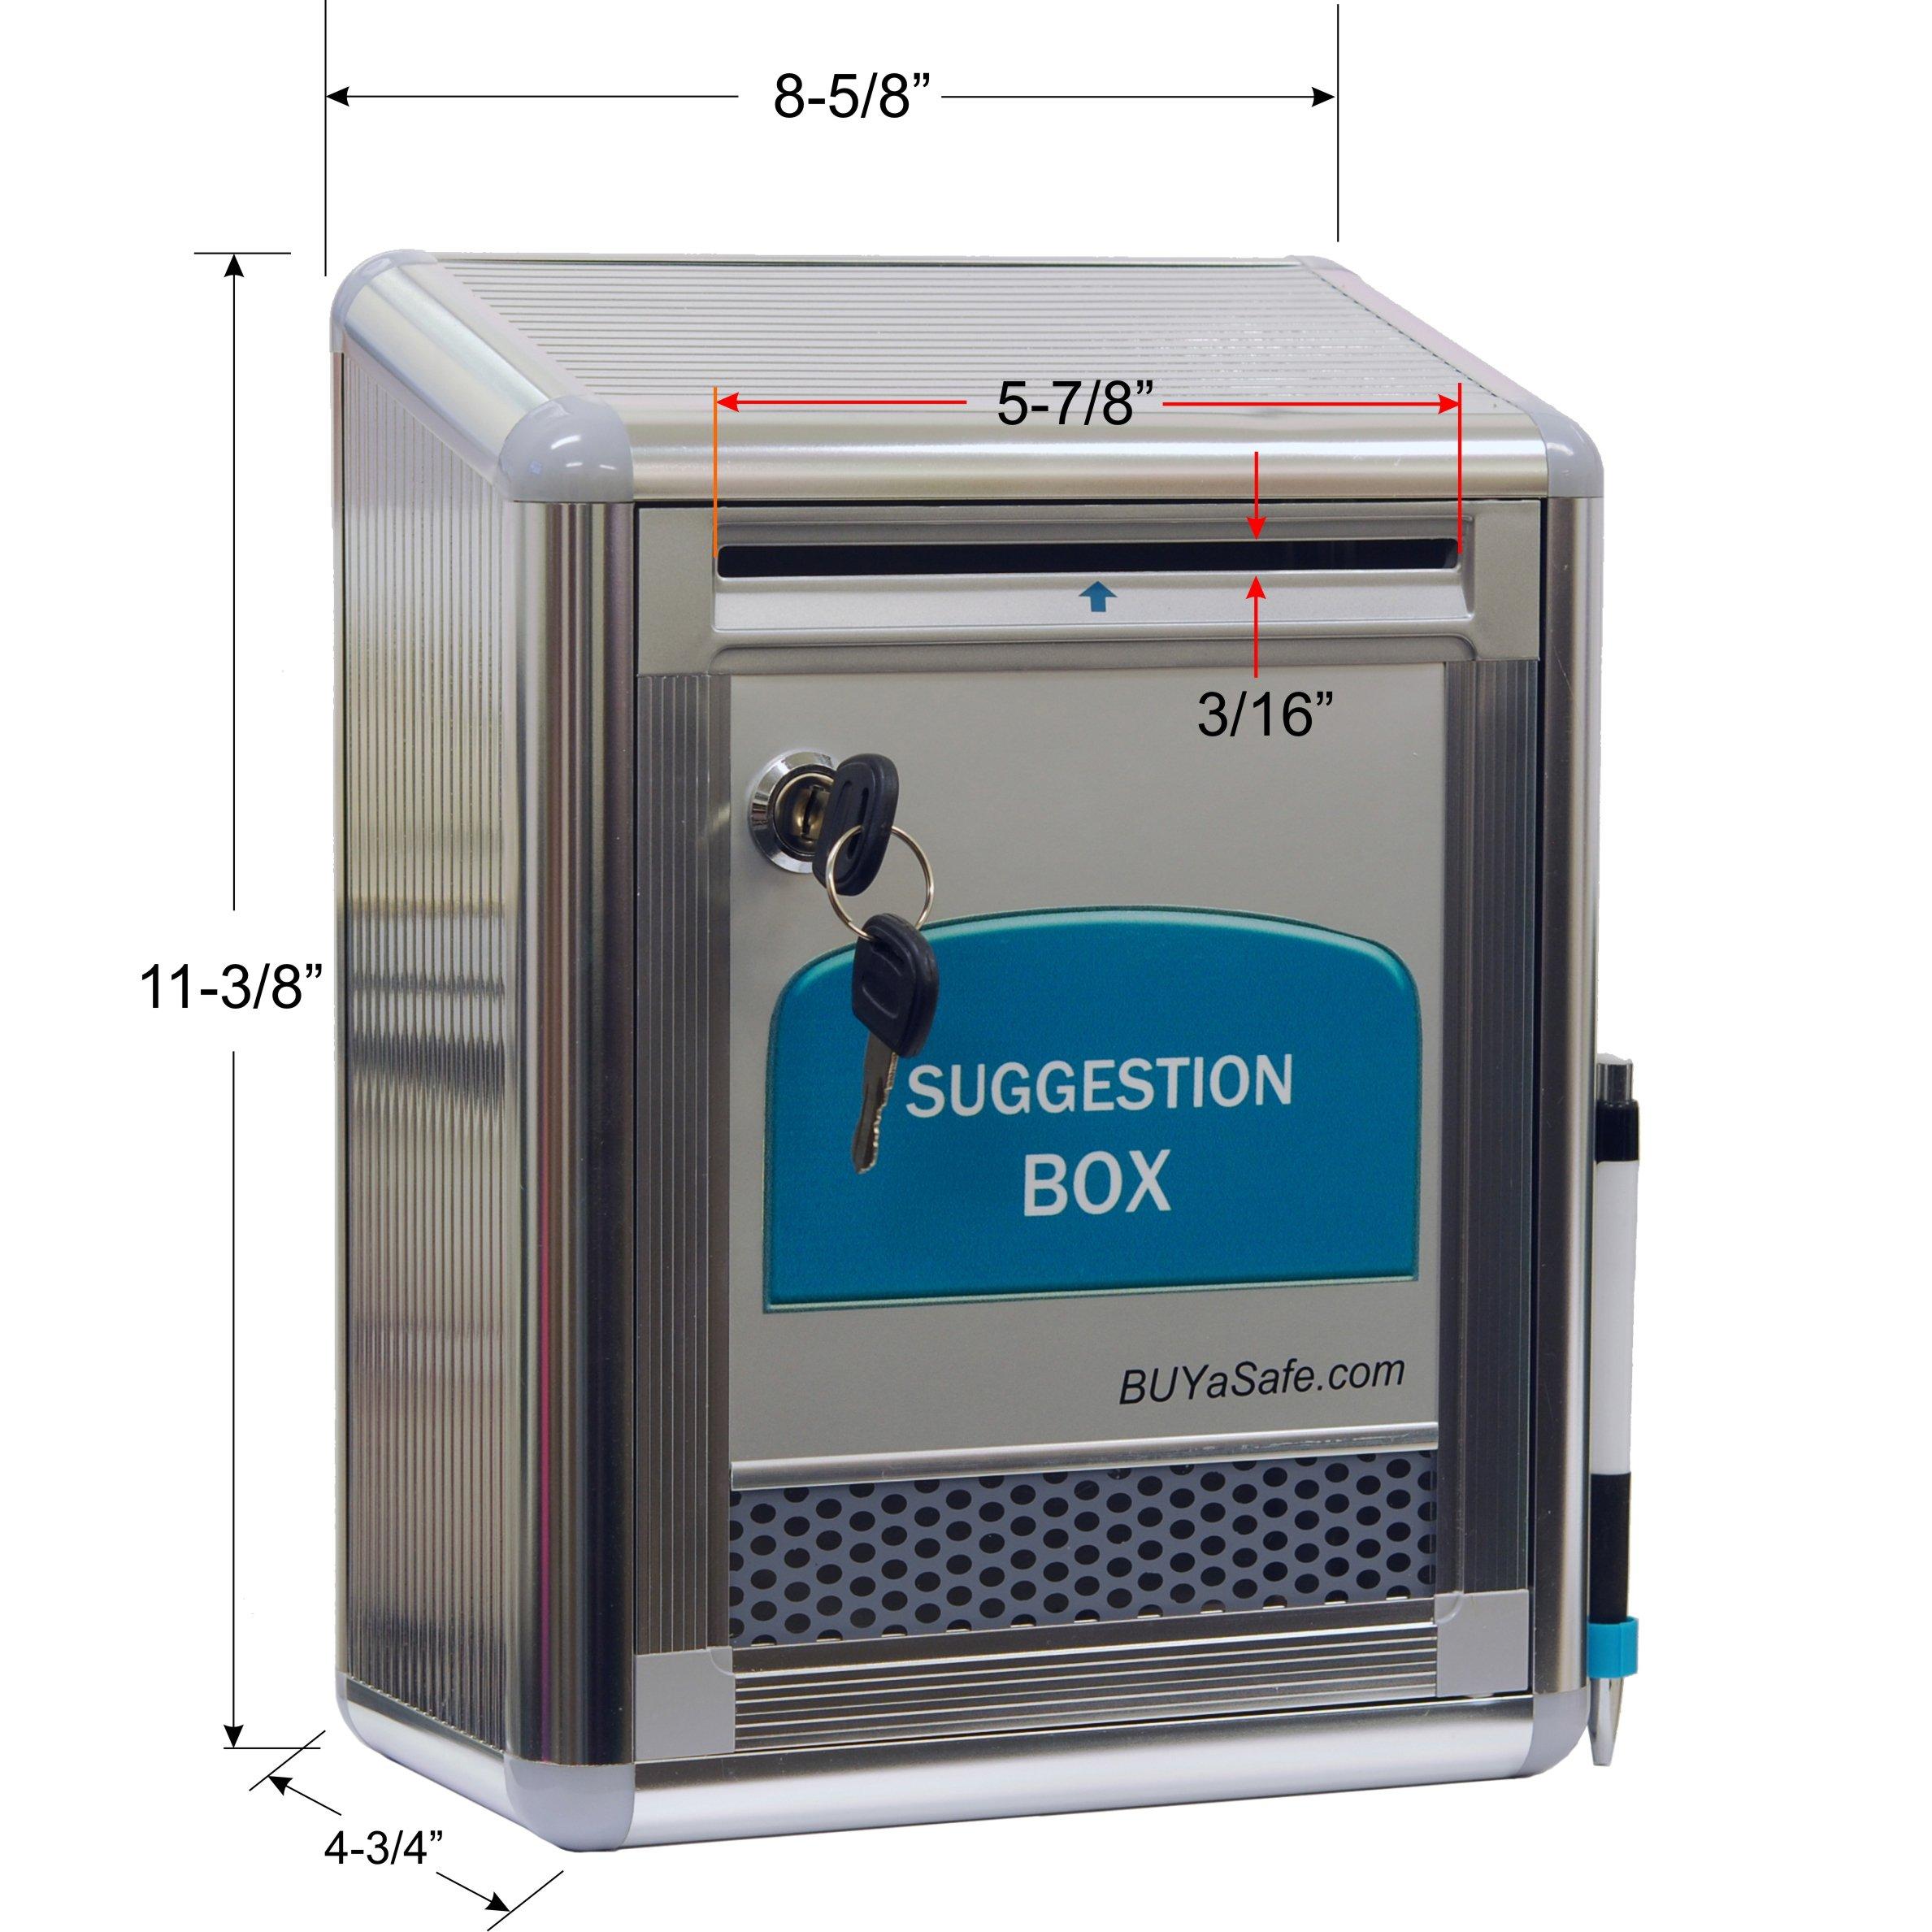 BUYaSafe G-B09 Aluminum Suggestion Box by BUYaSafe